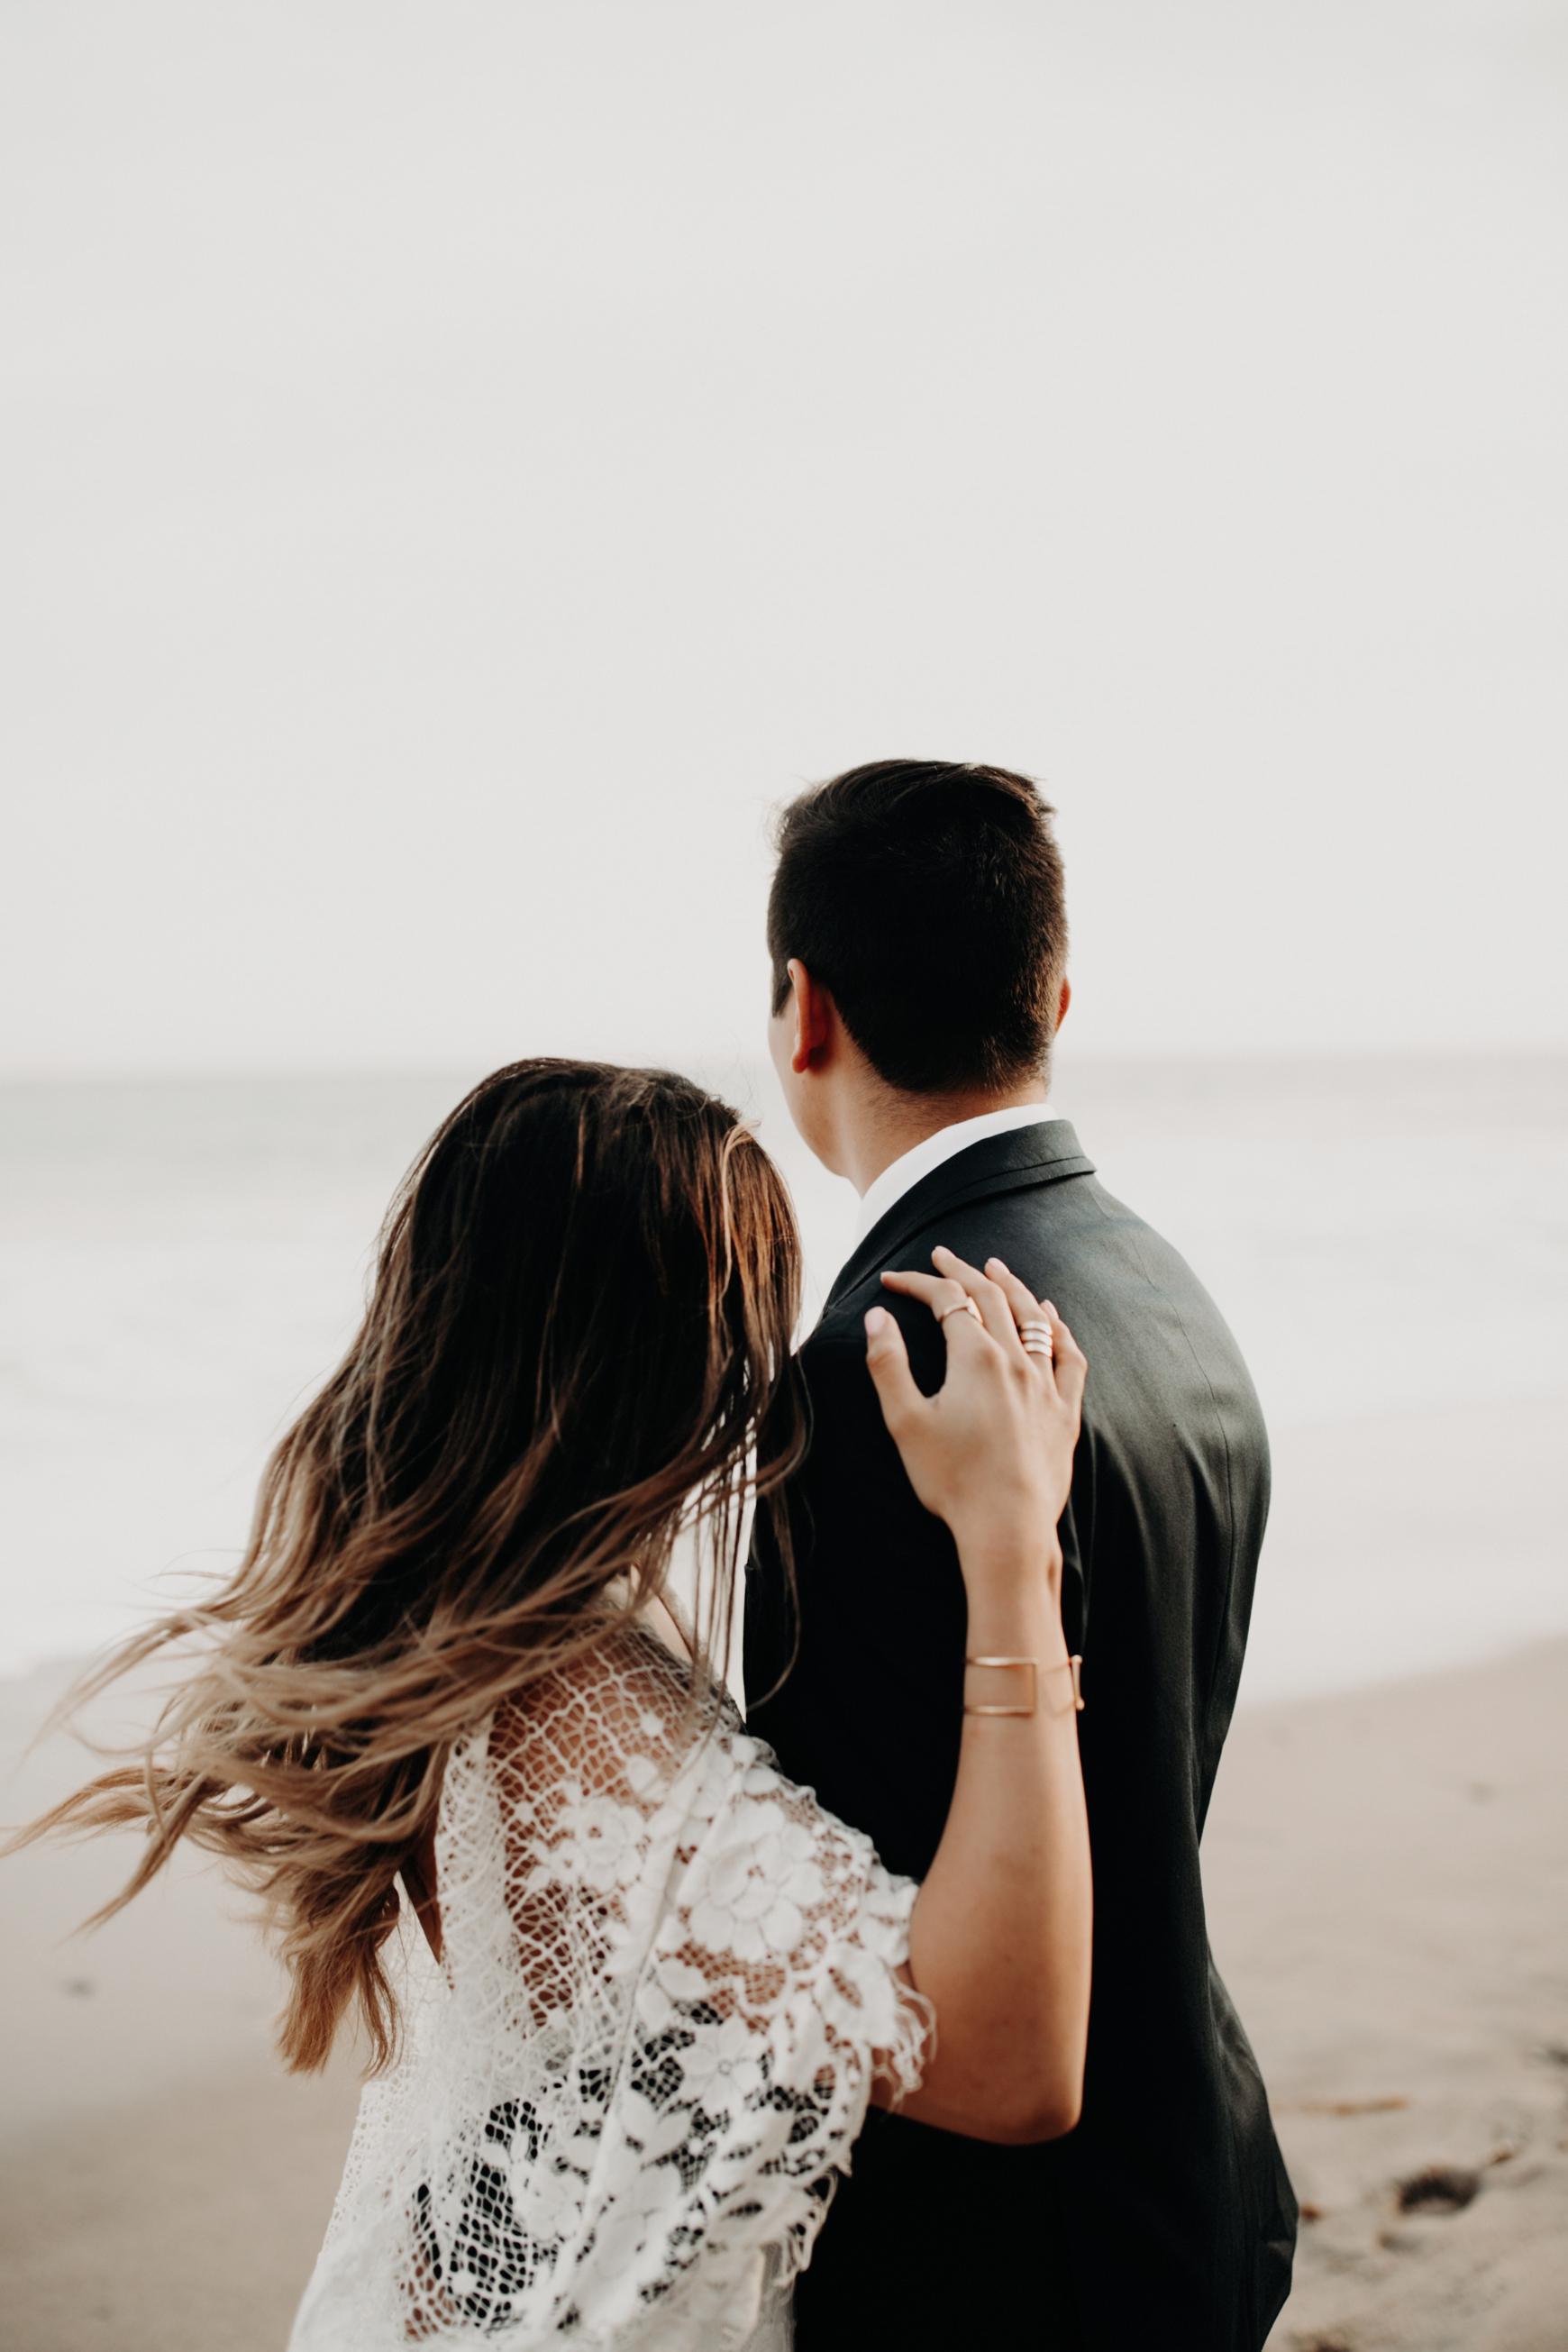 El Matador Beach Bridal Portraits Justellen & TJ Emily Magers Photography-281Emily Magers Photography.jpg